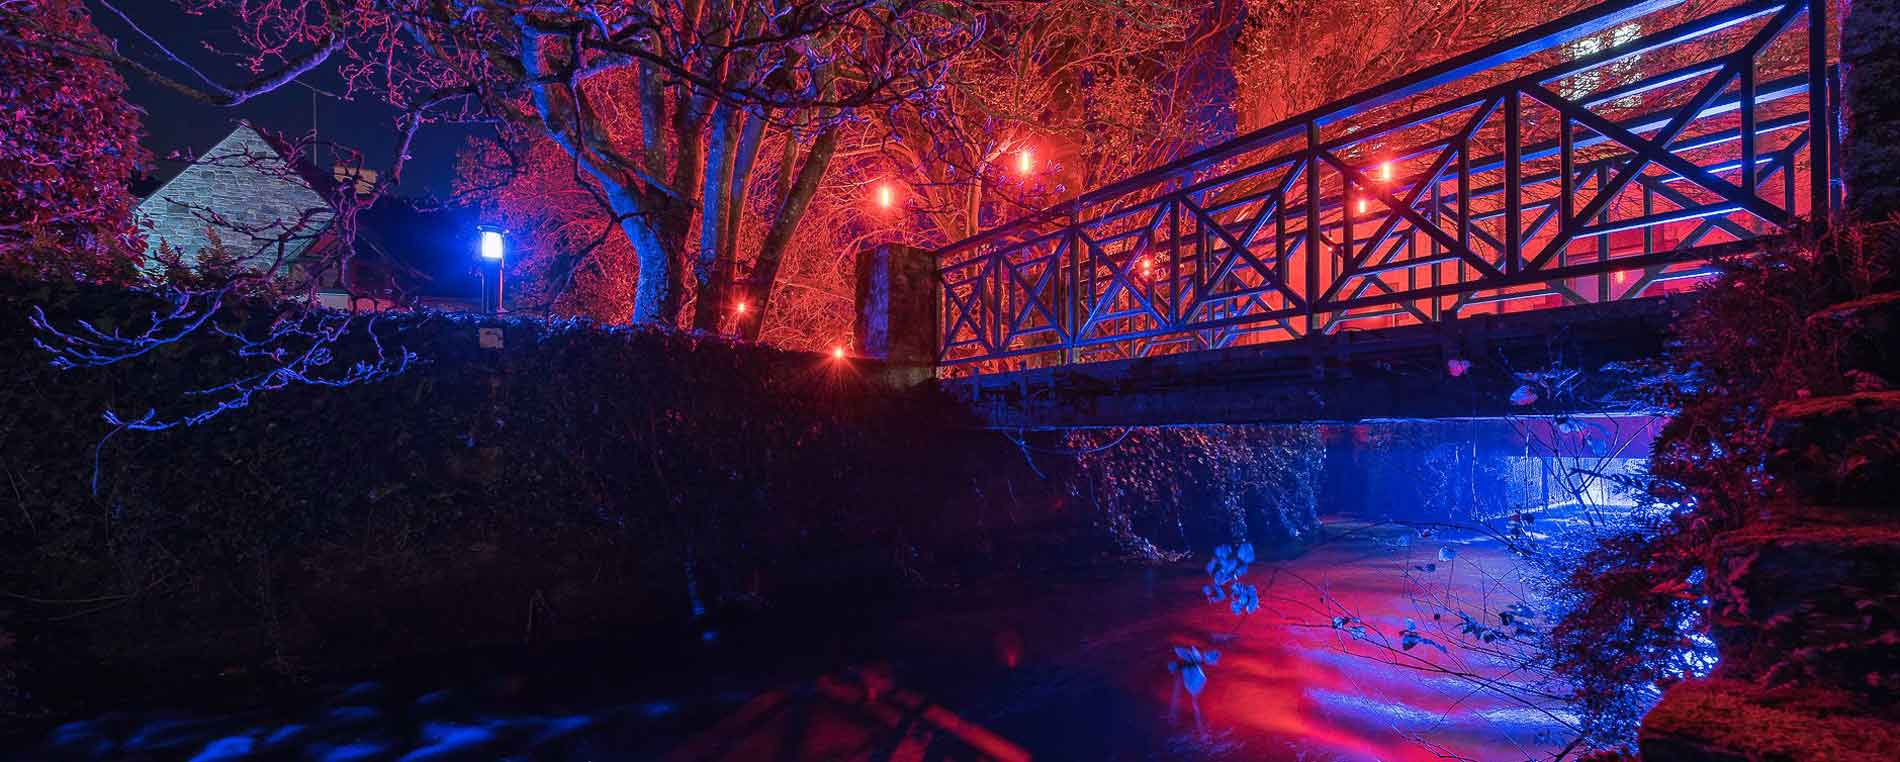 Pont-Aven en lumière